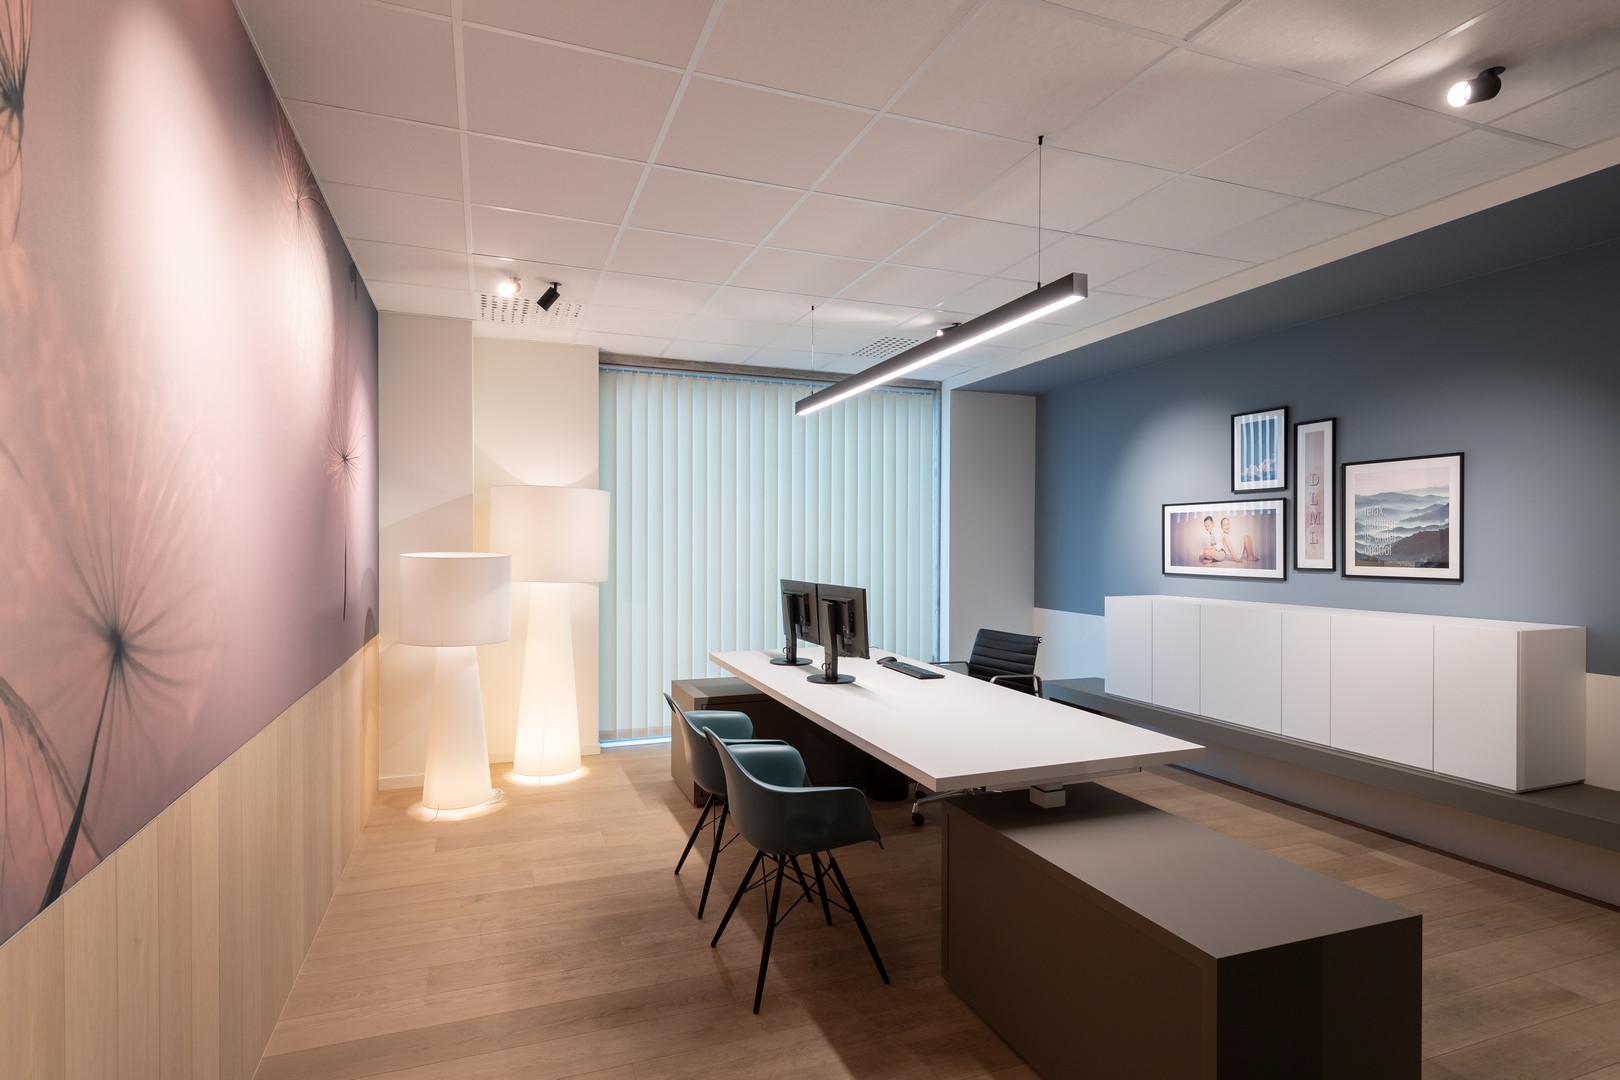 1 Wim Celis Office 22